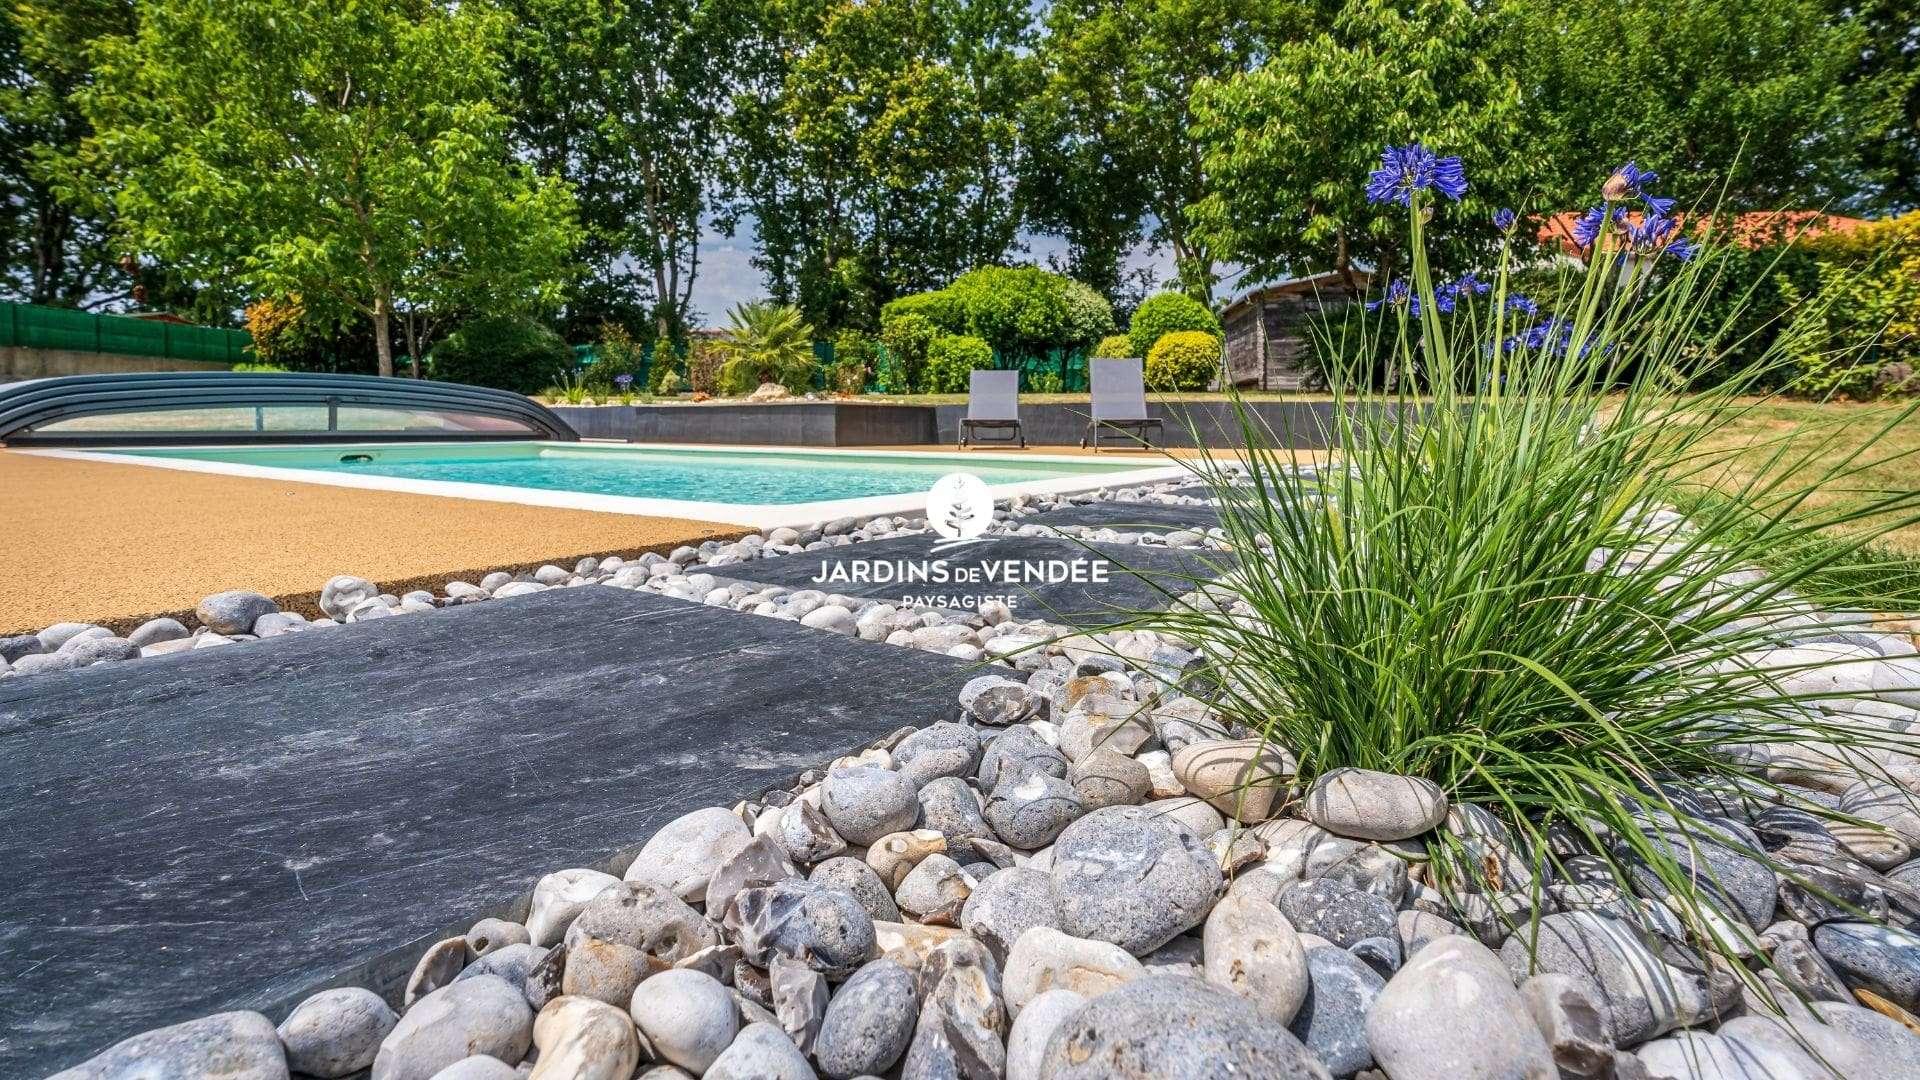 jardinsdevendee-nosrealisations-amenagement-piscine